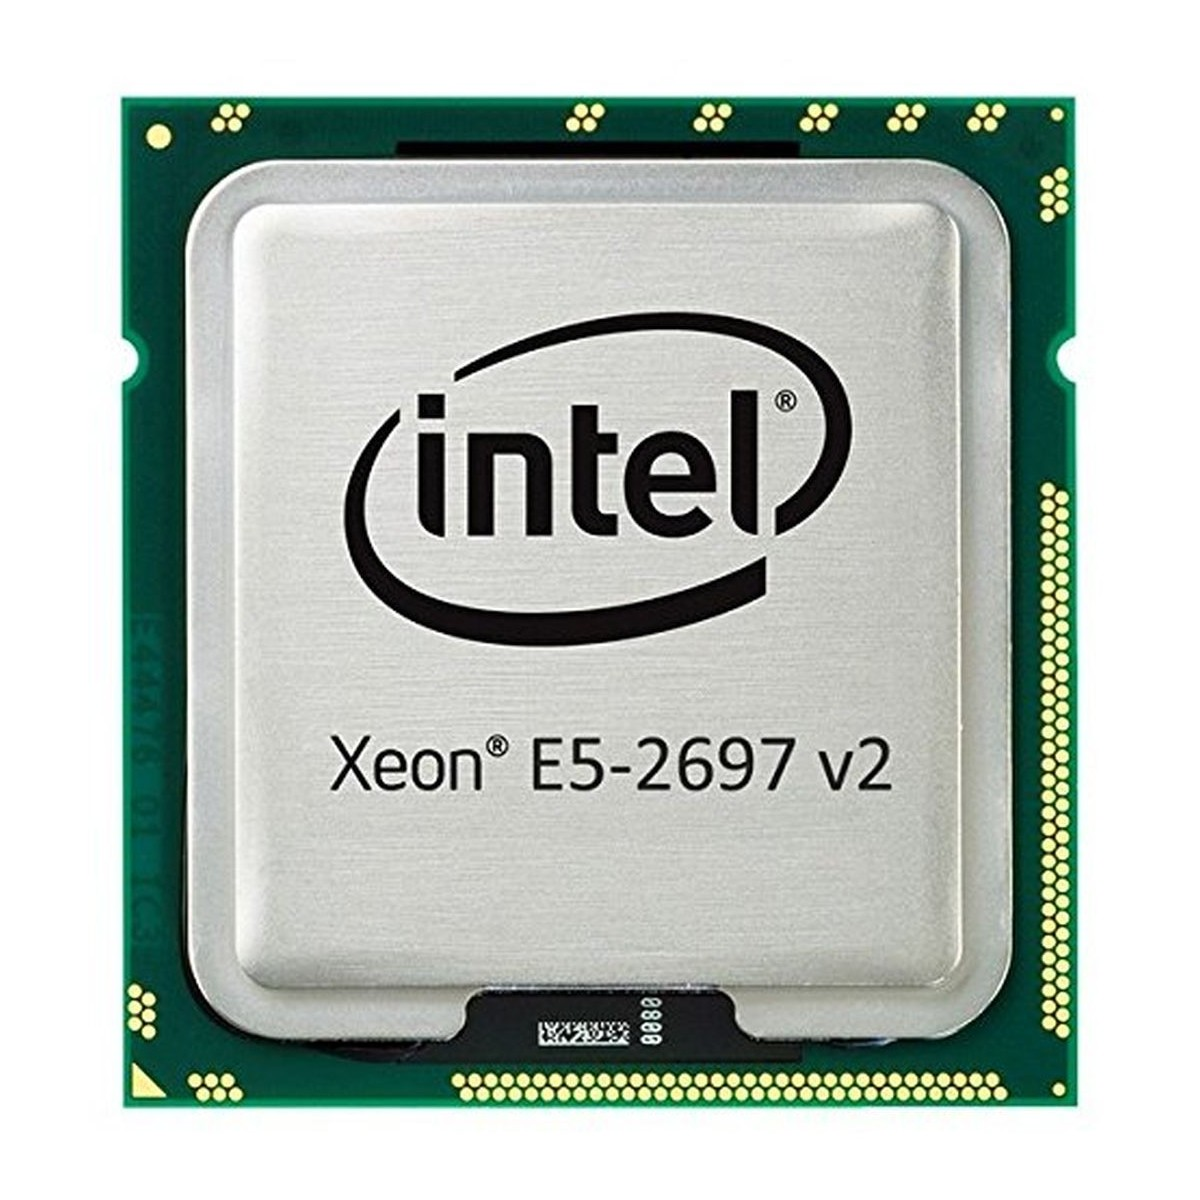 Radiator IBM x3400 x3500 x3650 x3655 40K7438 42C9412